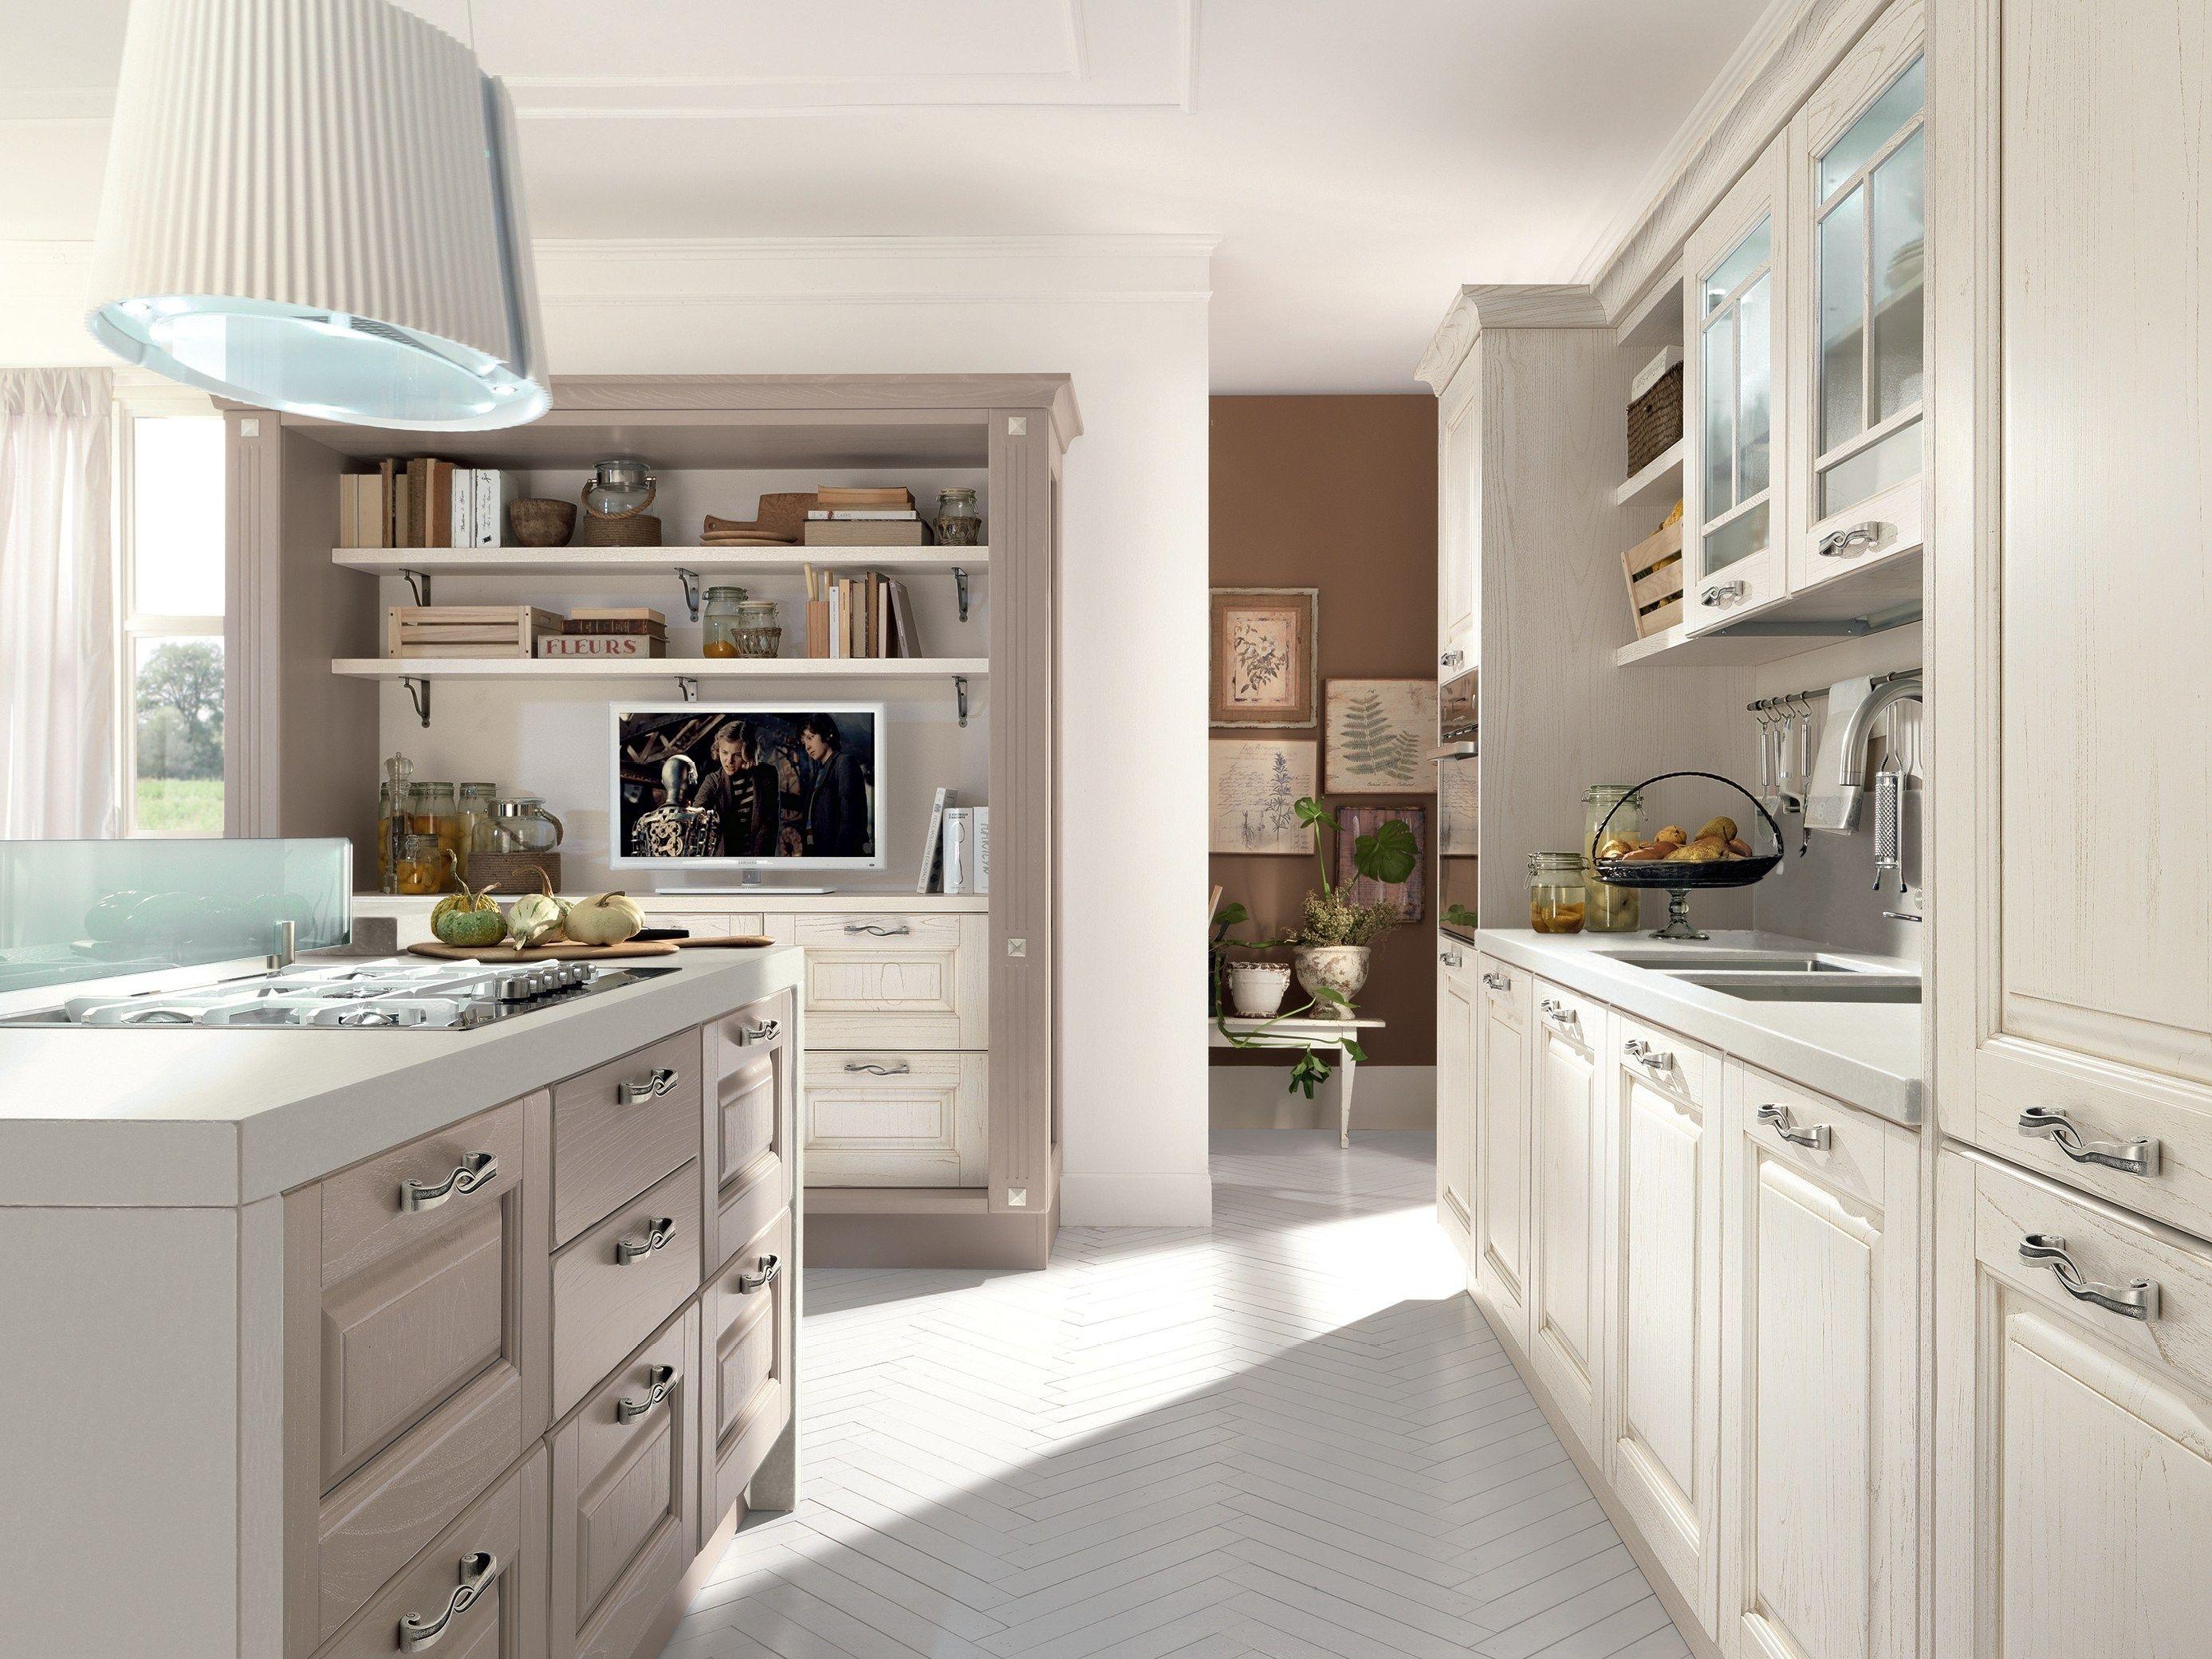 Progetti Cucine Con Isola Centrale. Stunning Cucina Con Isola ...